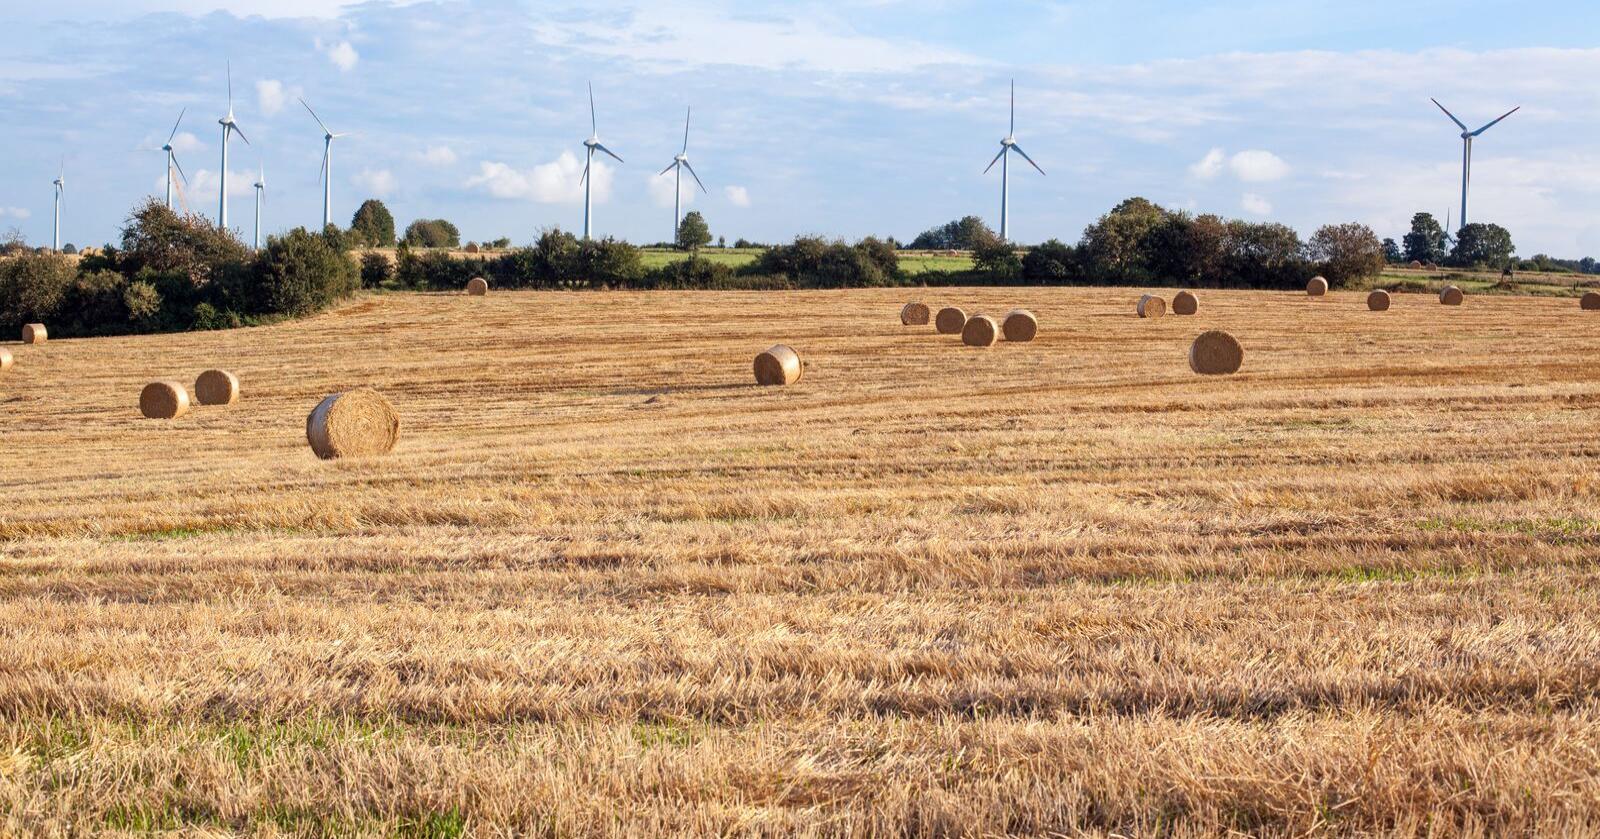 Klimakutt: EU-bøndene og -samvirka i samanslutninga Copa-Cogeca ynskjer karbontollen velkomen, men er skuffa over at jordbruksprodukt ikkje er inkludert, og at gjødsel er inne, skriv Hildegunn Gjengedal. Foto: Mostphotos